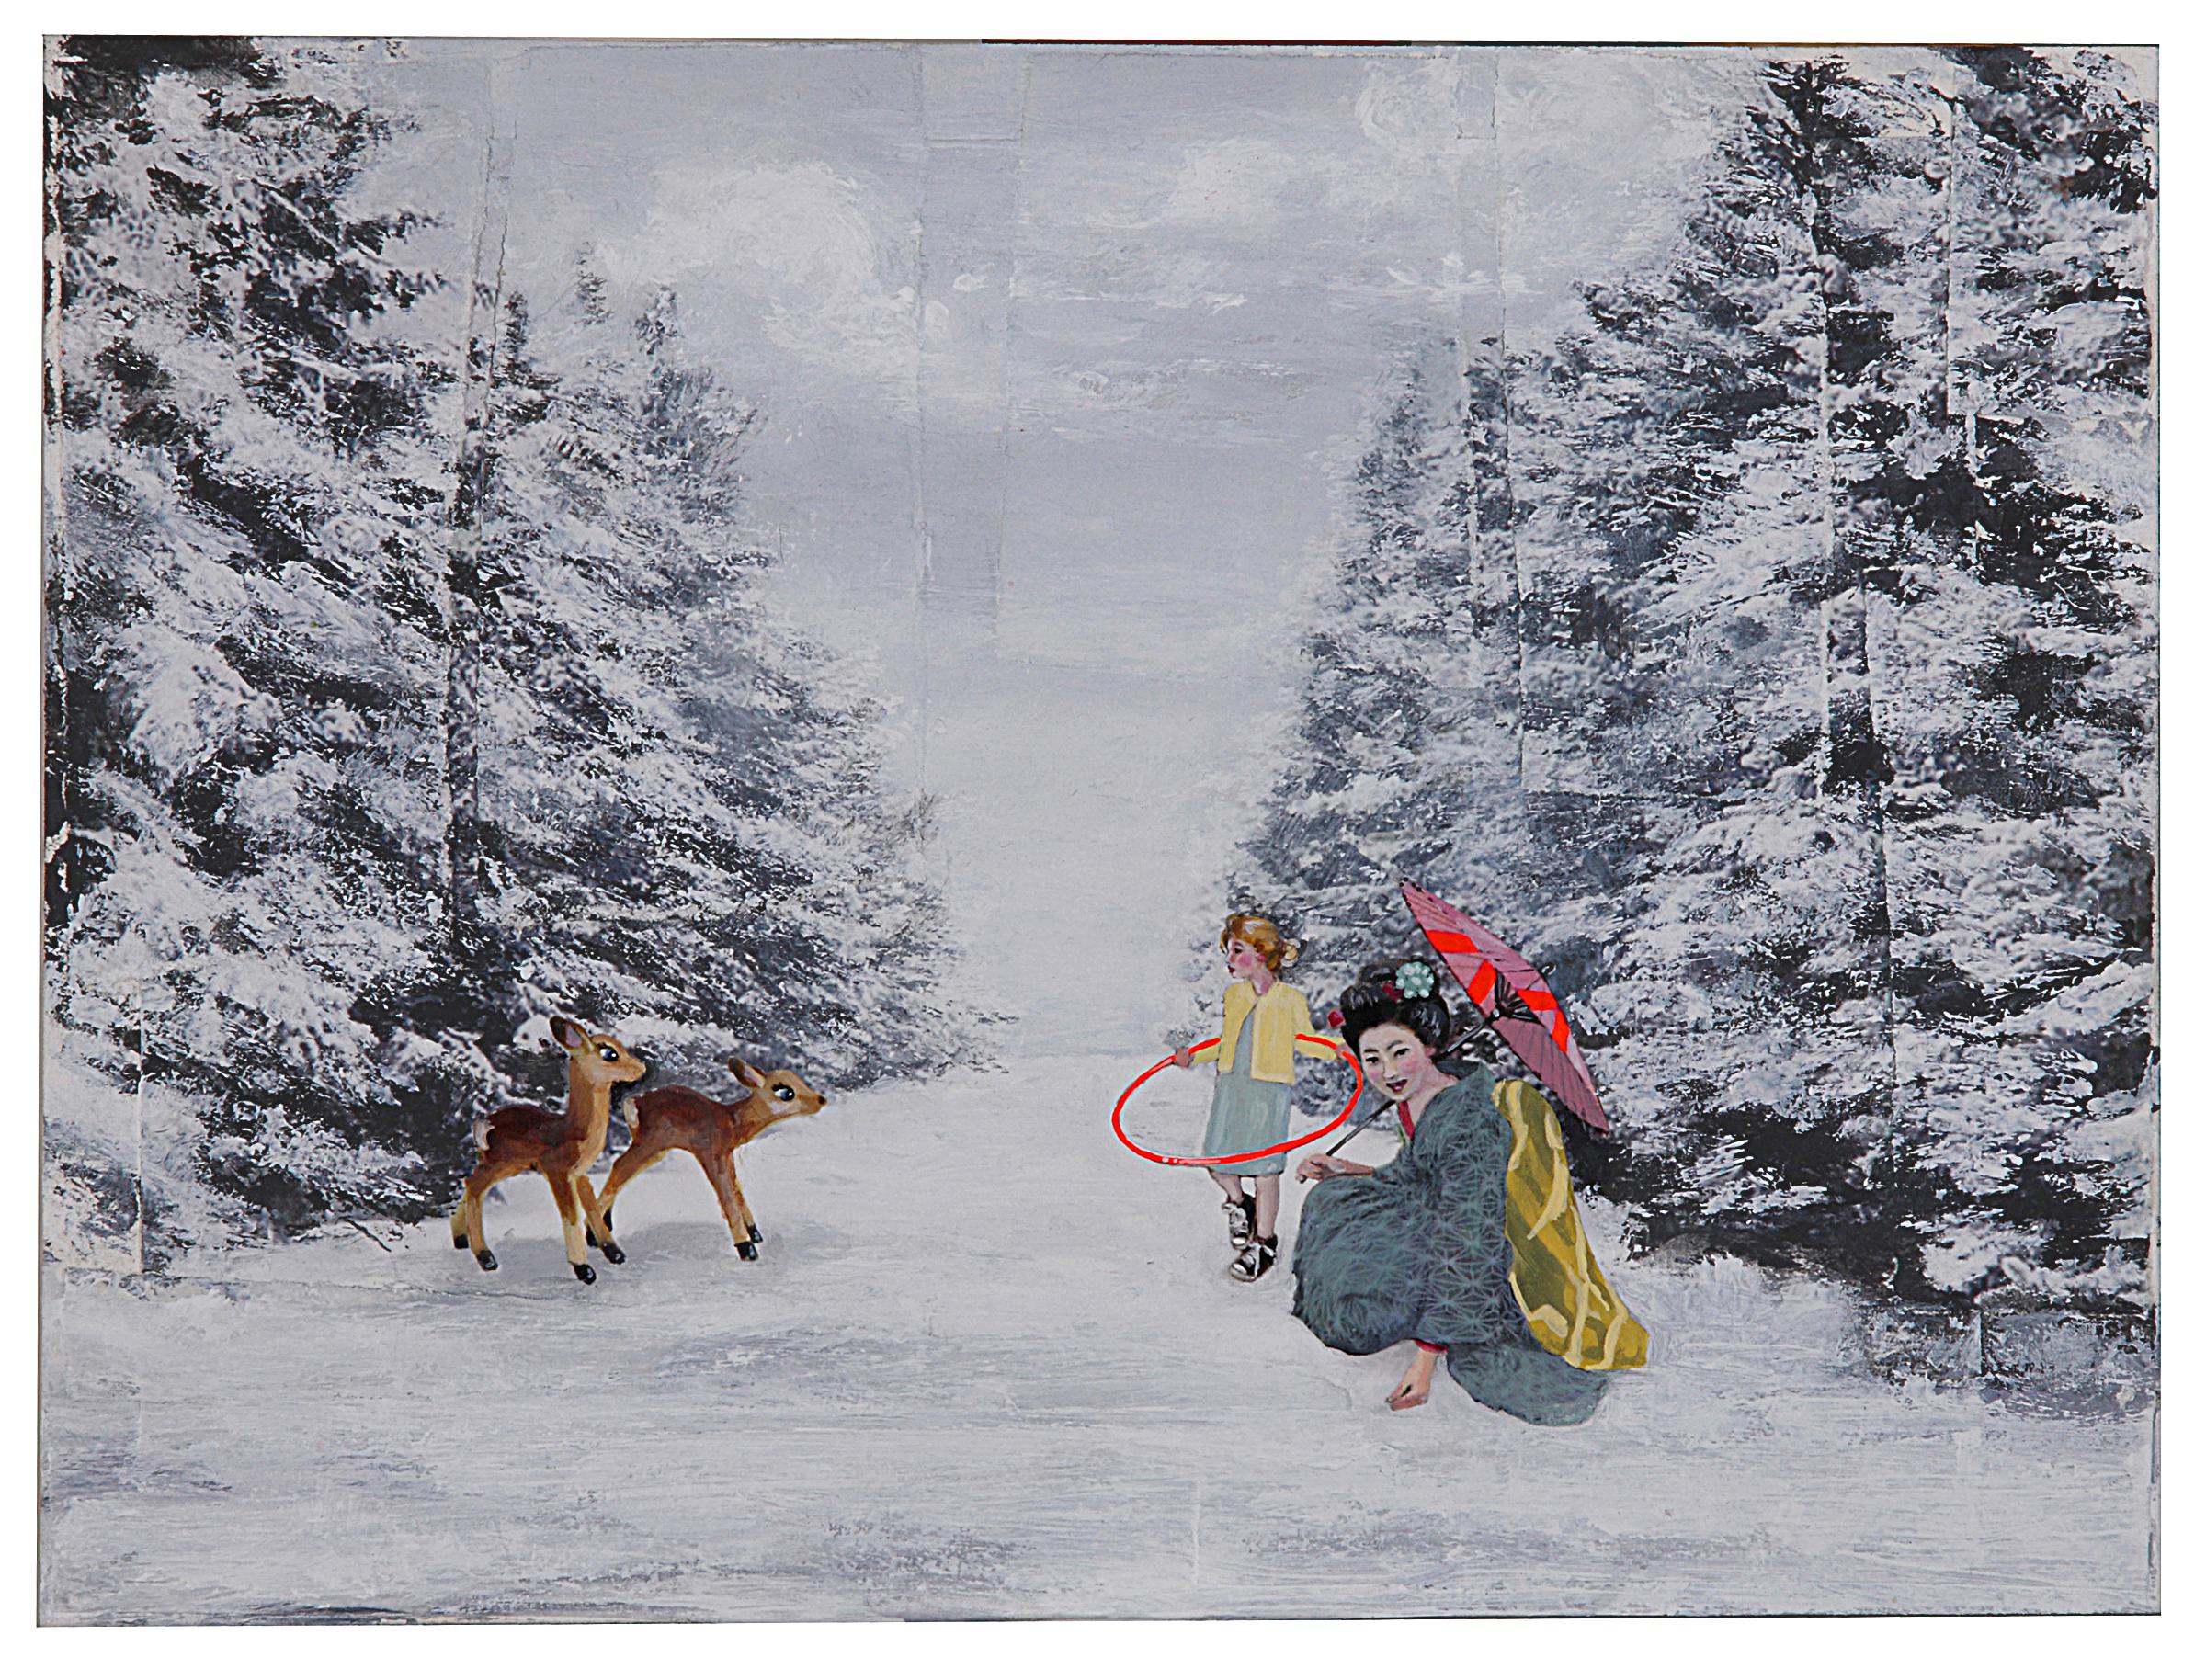 Geisha, Deer, and Hula Hoop